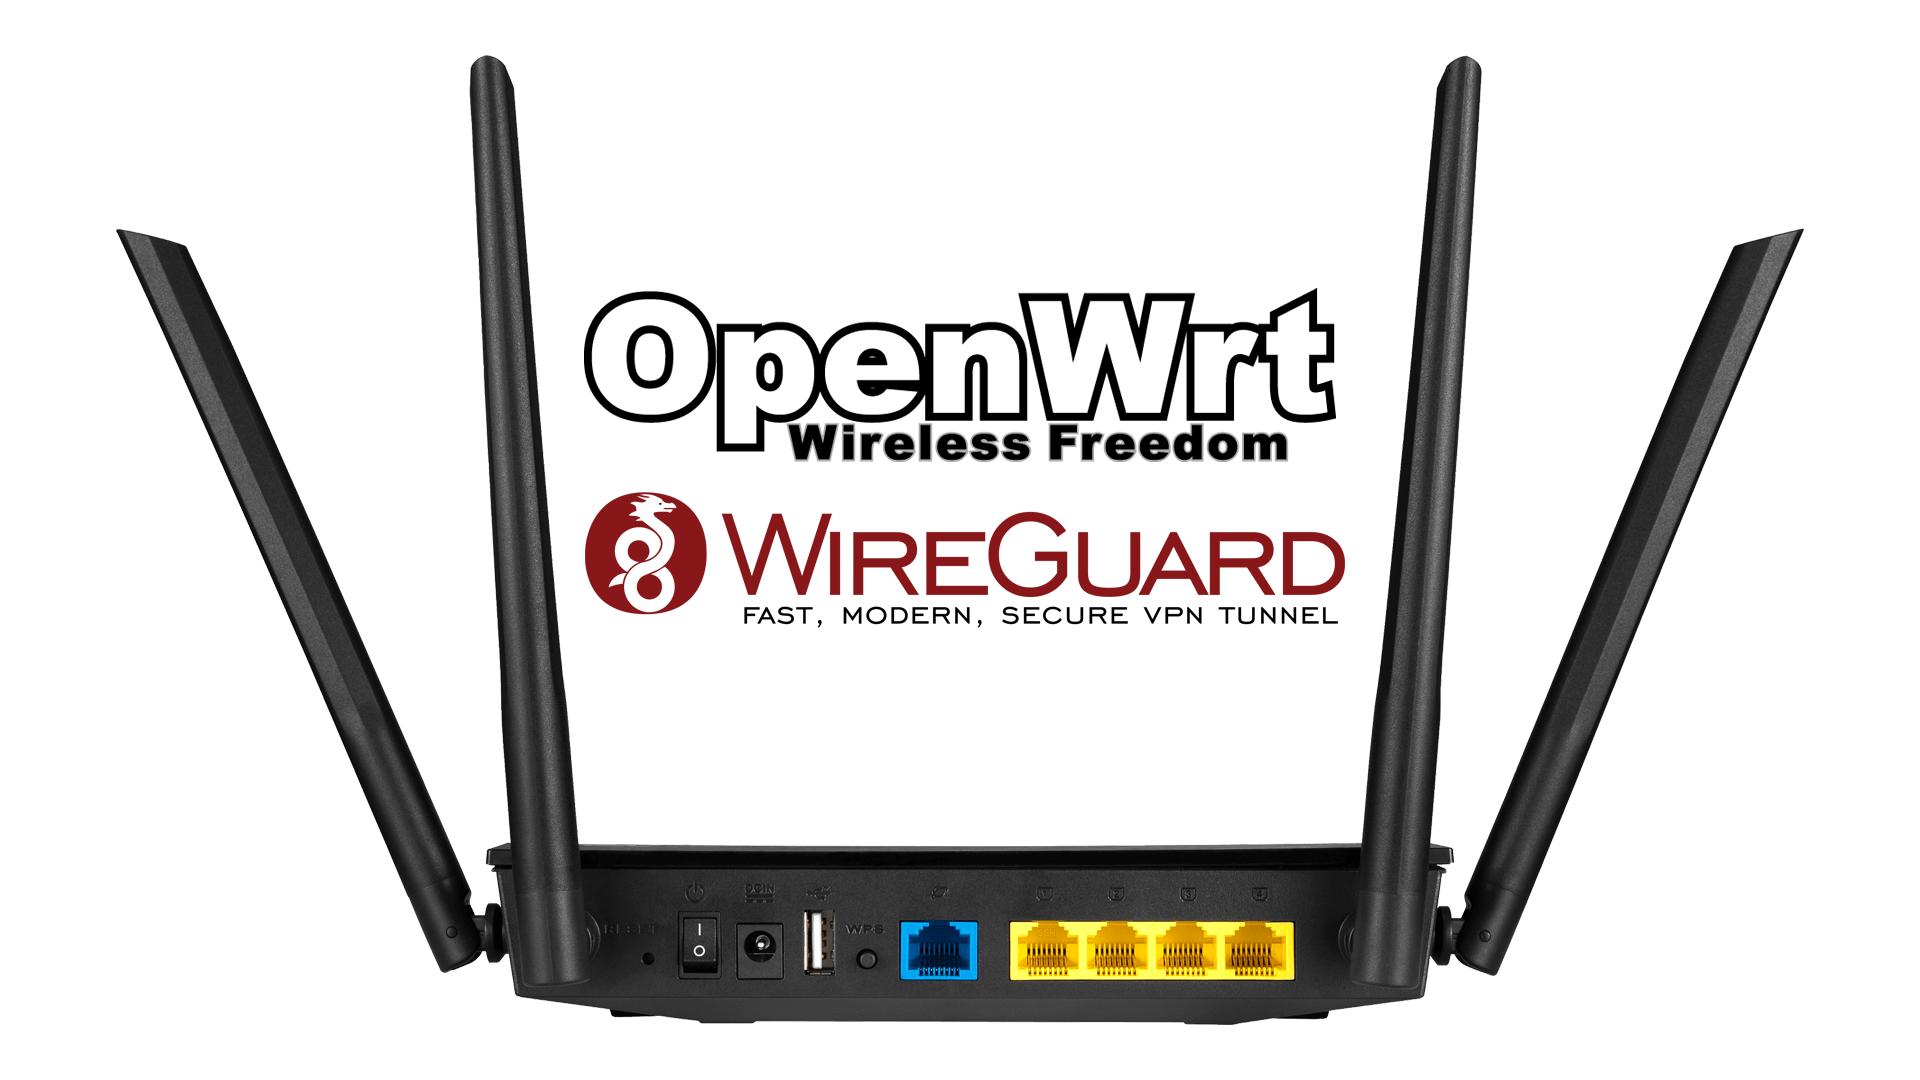 Instalacja serwera VPN na routerze z OpenWRT (WireGuard)